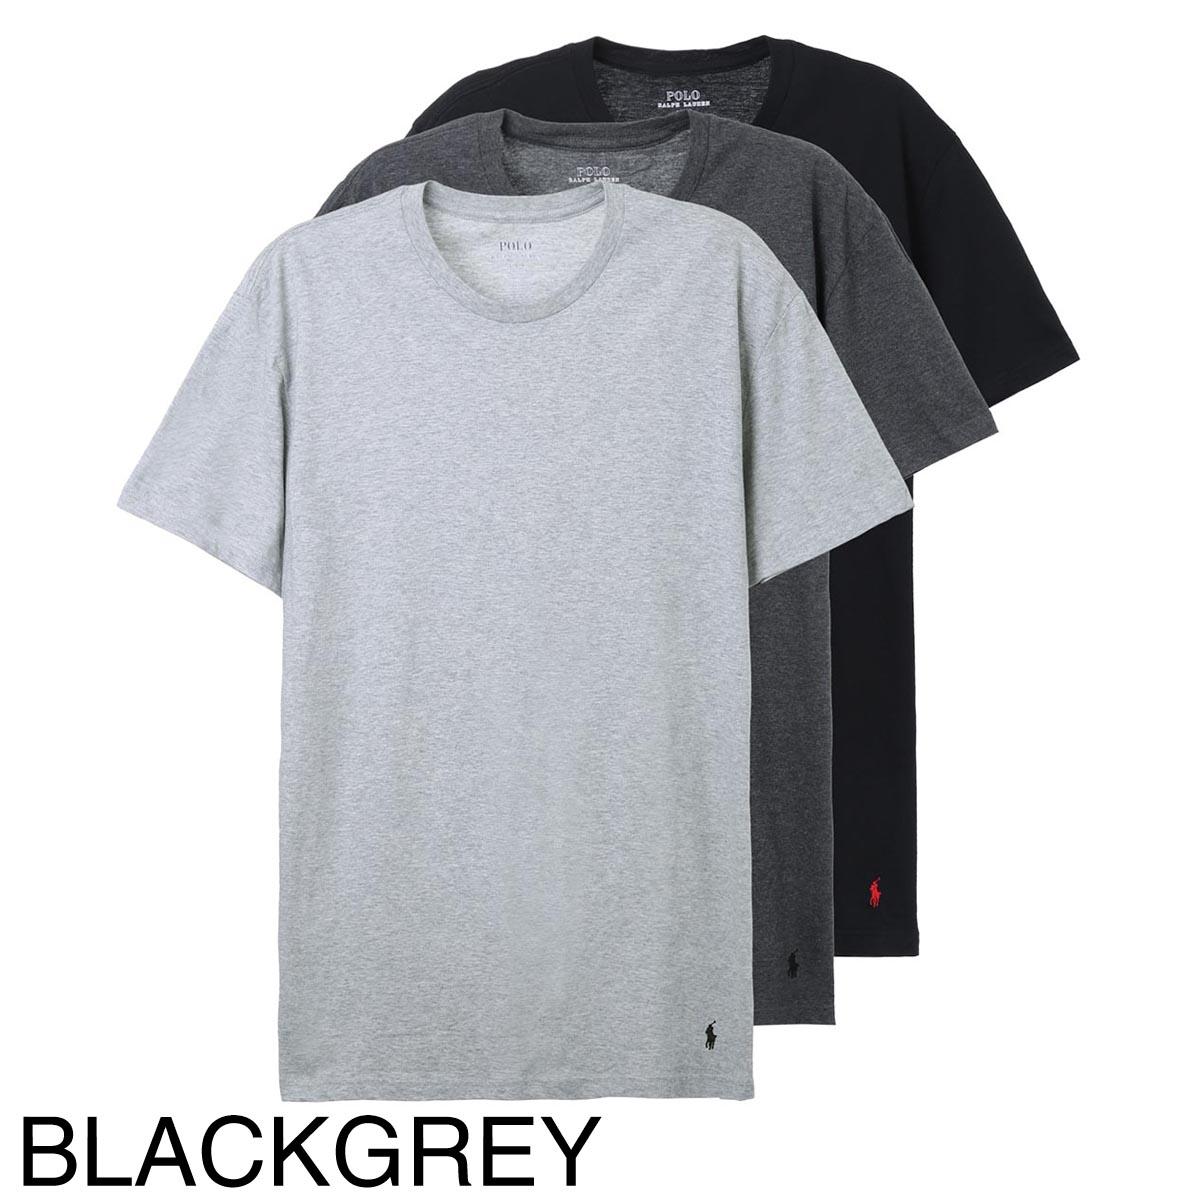 POLO RALPH LAUREN ポロラルフローレン クルーネックTシャツ 3枚セット/3枚組/CLASSIC FIT【返品交換不可】 メンズ